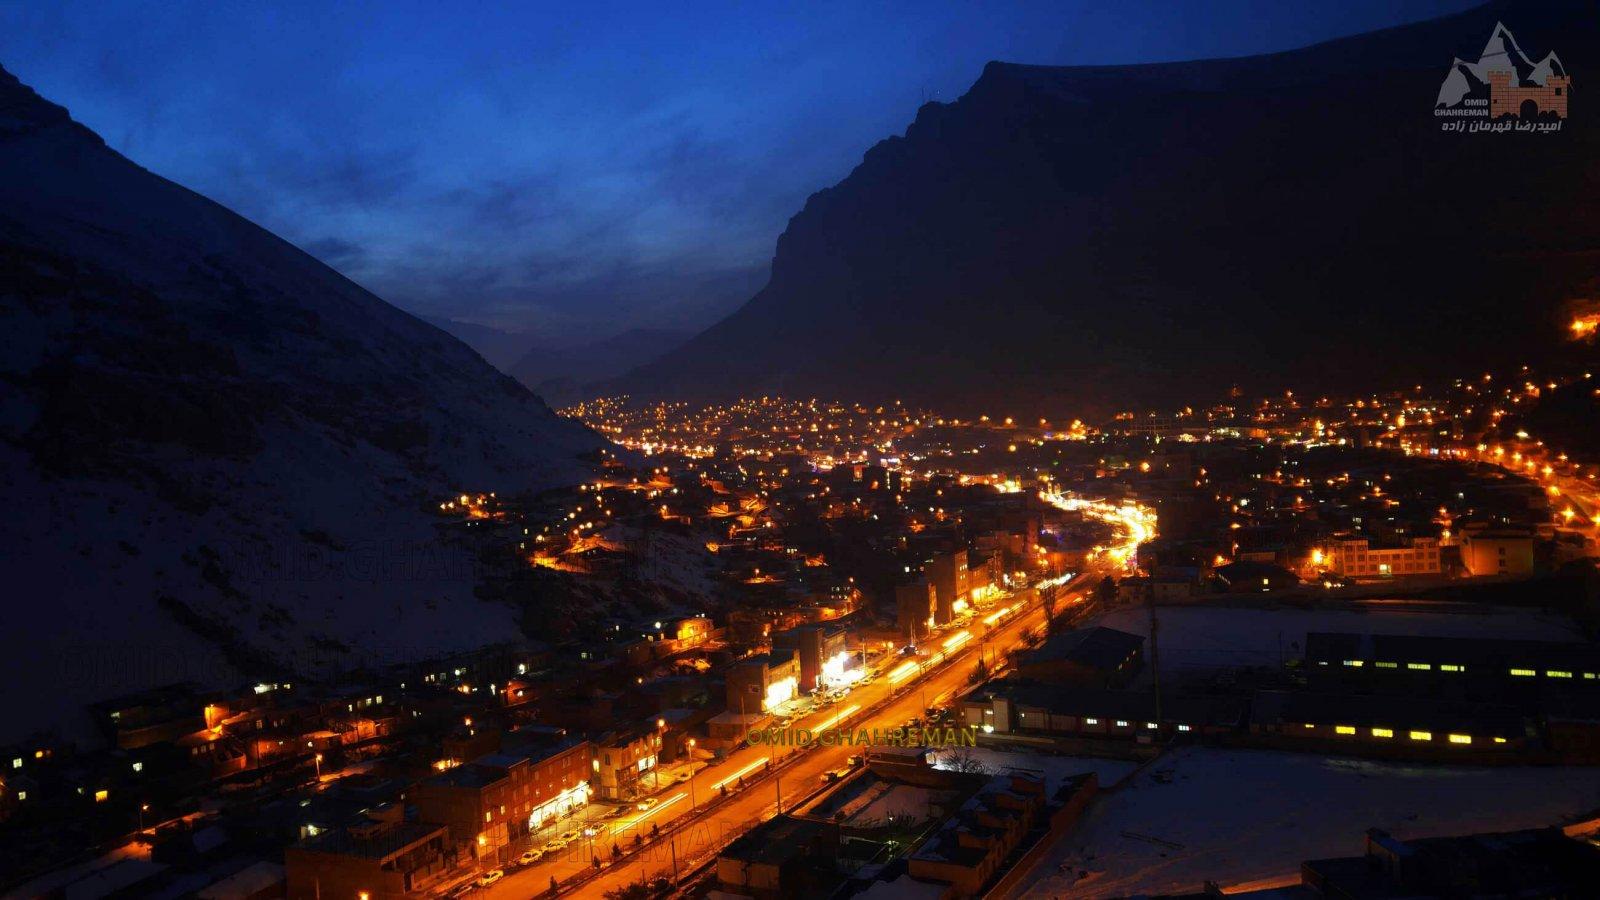 شب های شهر سنگی ماکو در زمستان